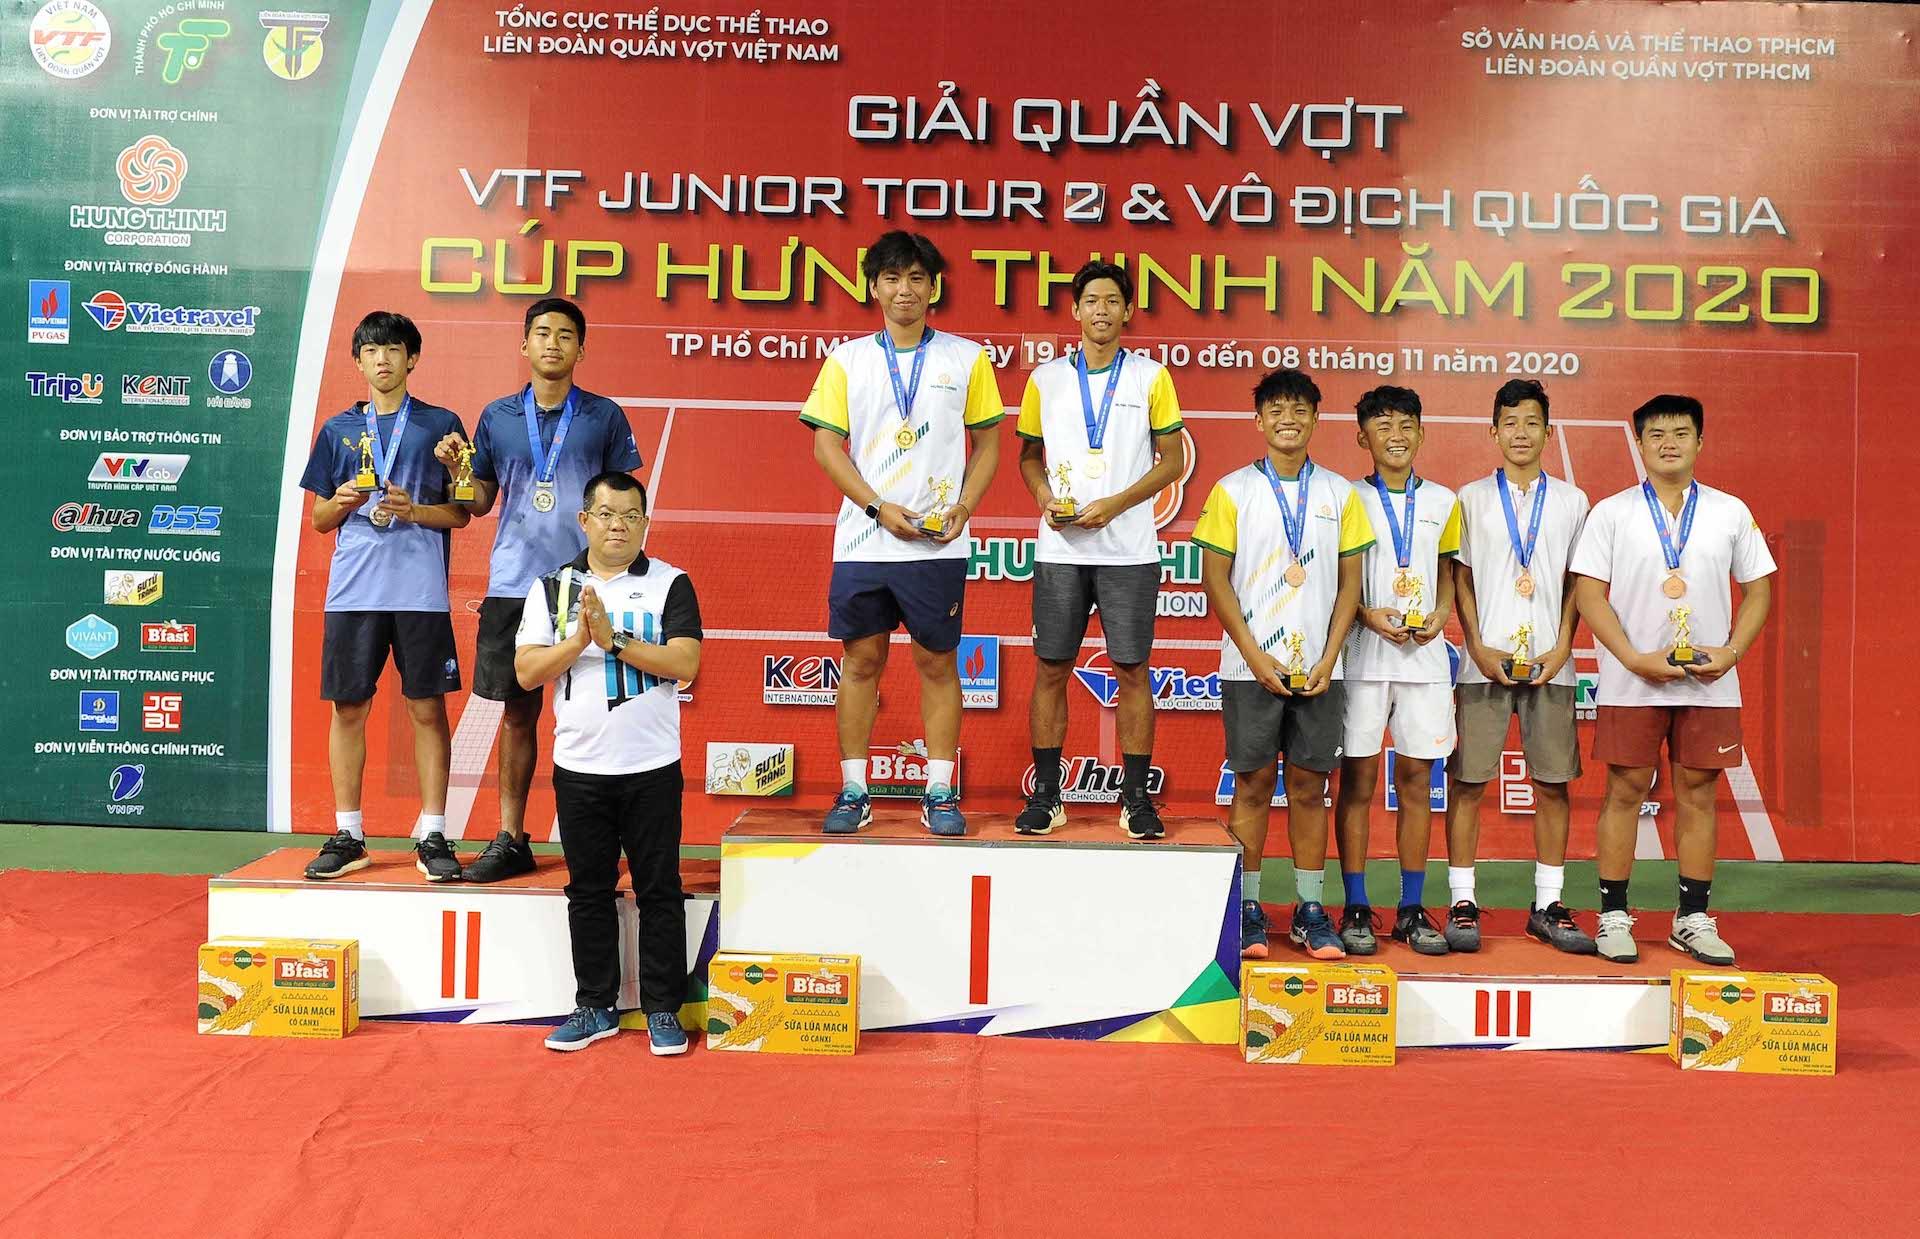 Hình ảnh: VTF Junior Tour 2 – Hung Thinh Cup 2020: Ngày vui của Chủ nhà số 3